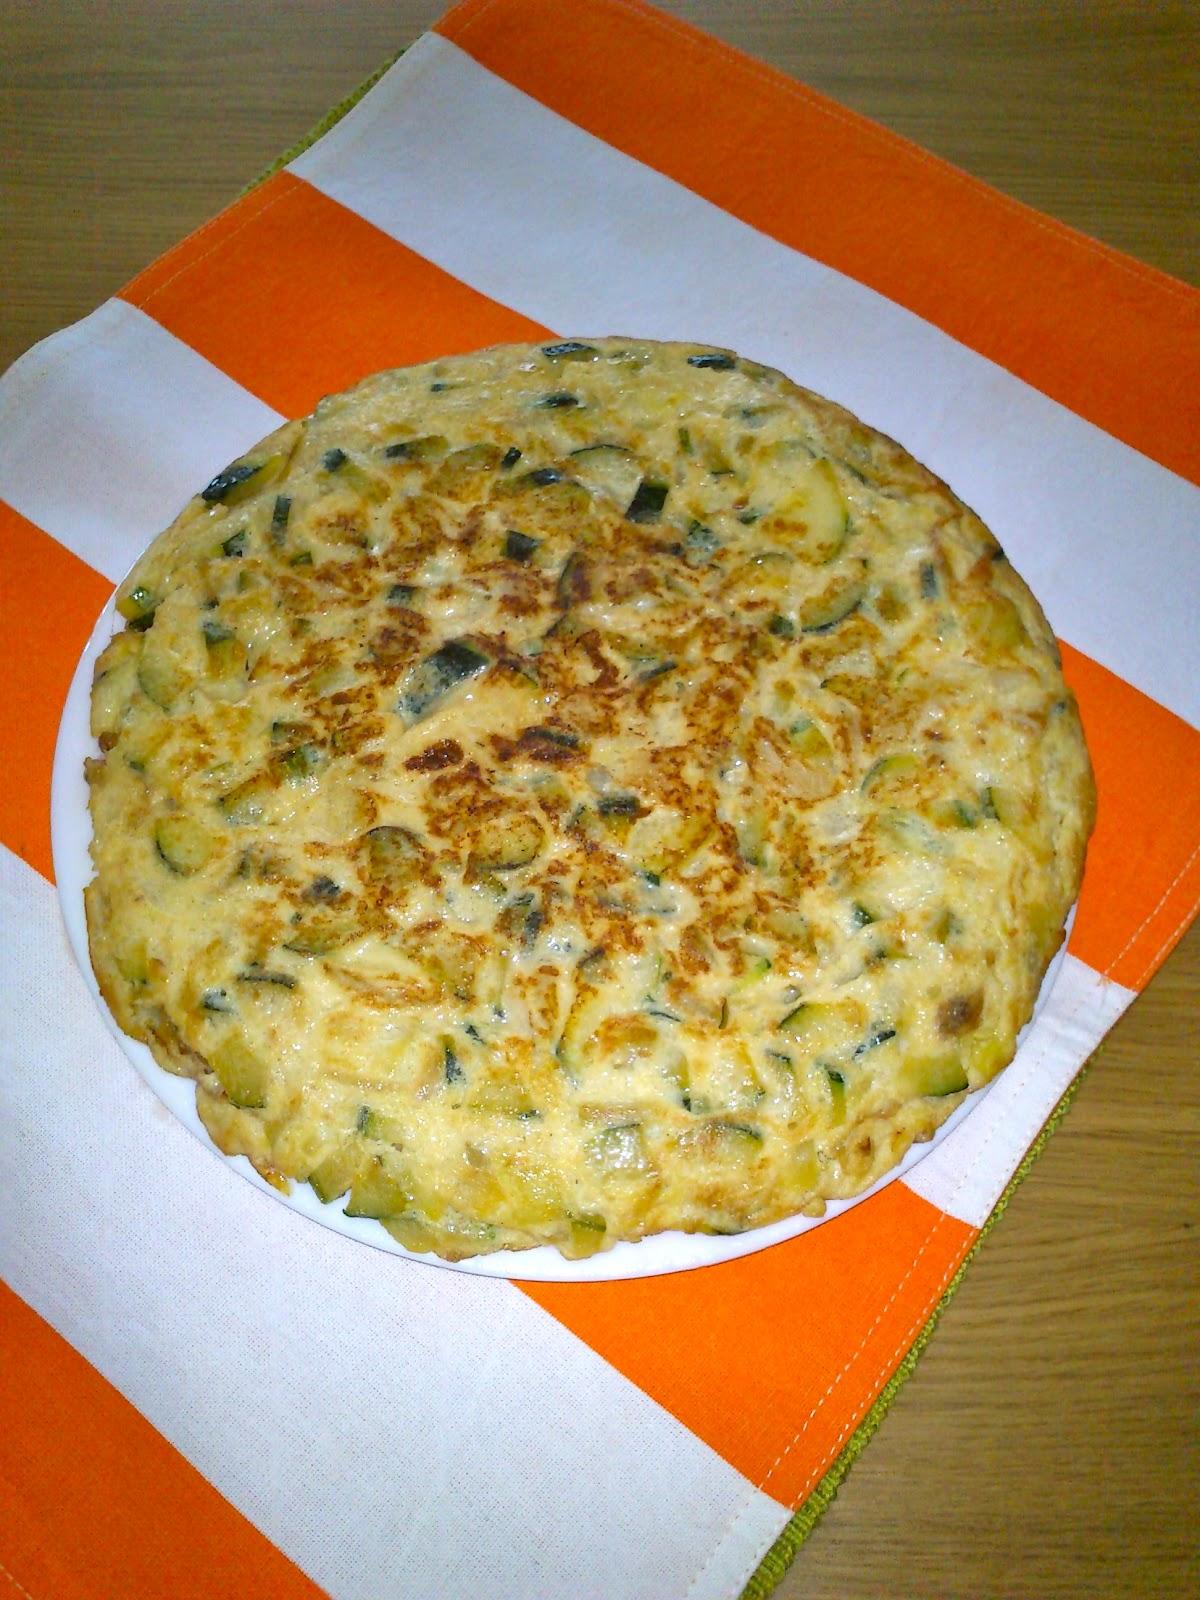 Cocinando con la yaya ana tortilla de calabacin y cebolla - Tortilla de calabacin y cebolla ...